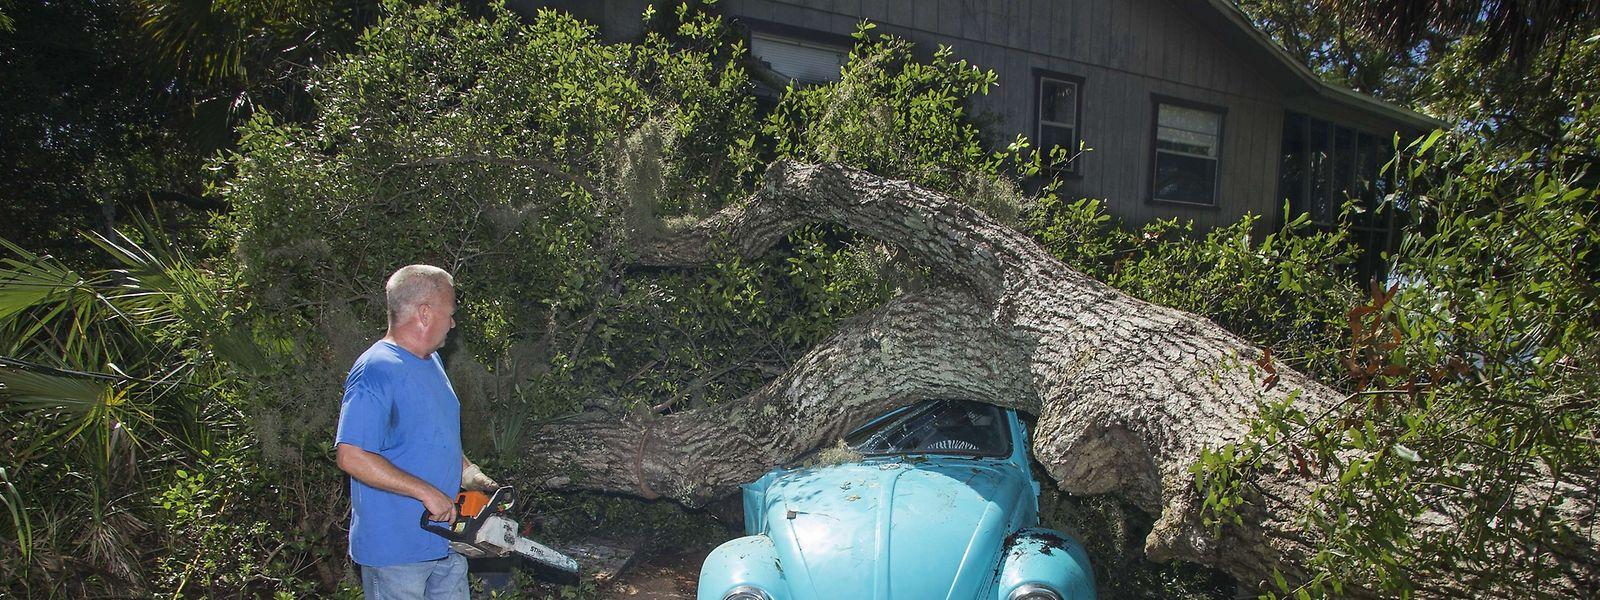 Der Sturm entwurzelte auf seinem Weg landeinwärts zahlreiche Bäume und verursachte hohen Sachschaden.